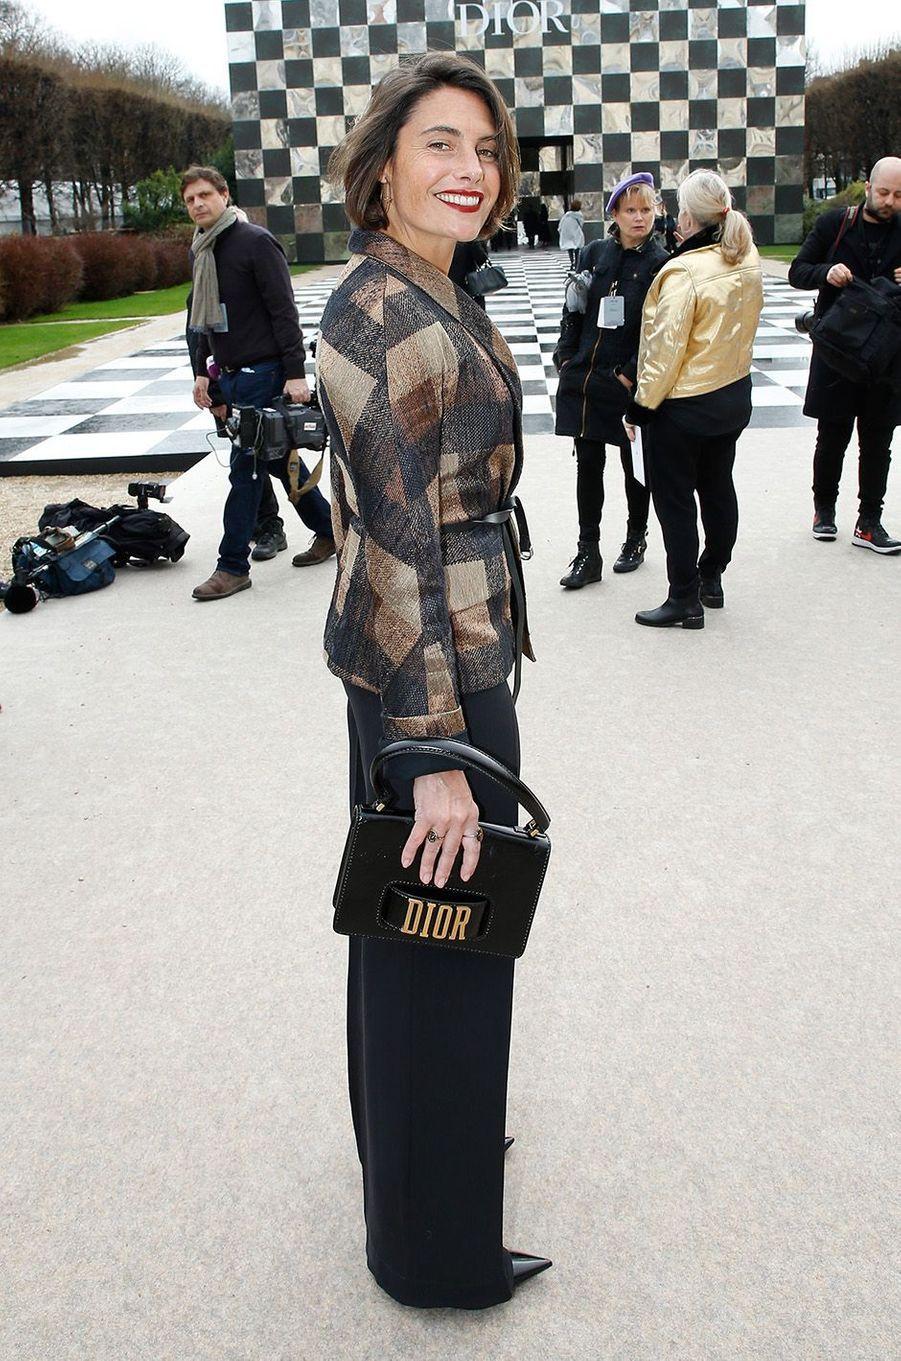 Alessandra Subletau défilé Christian Dior au musée Rodin, à Paris, le 22 janvier 2018.